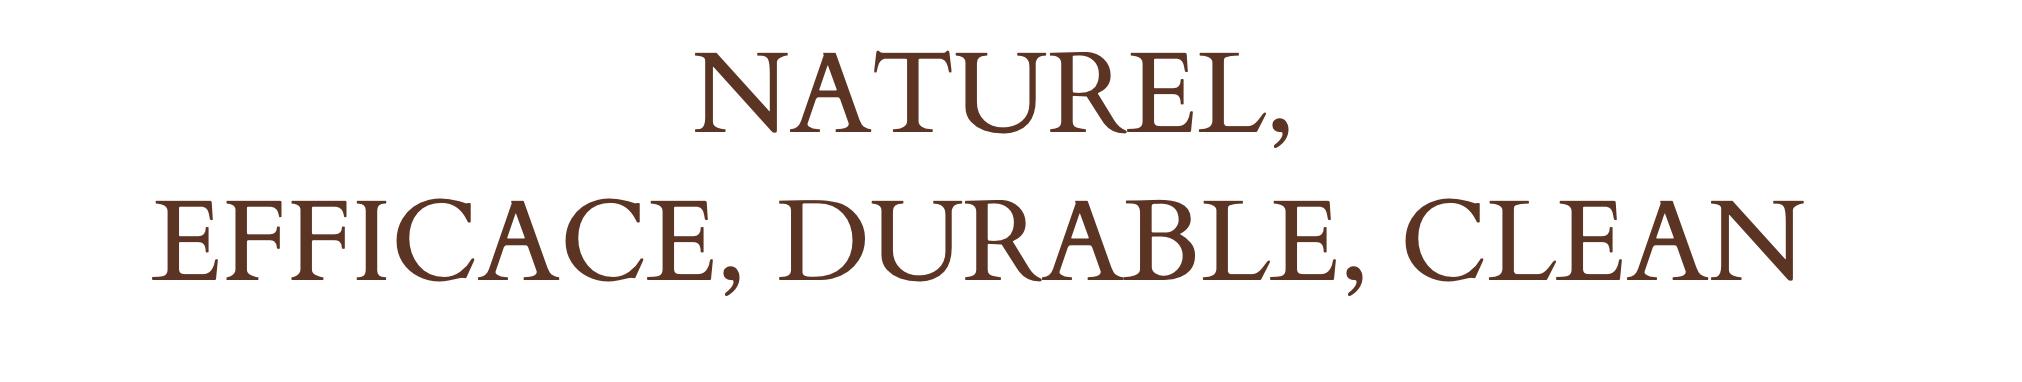 formule naturelle, efficace, durable, clean